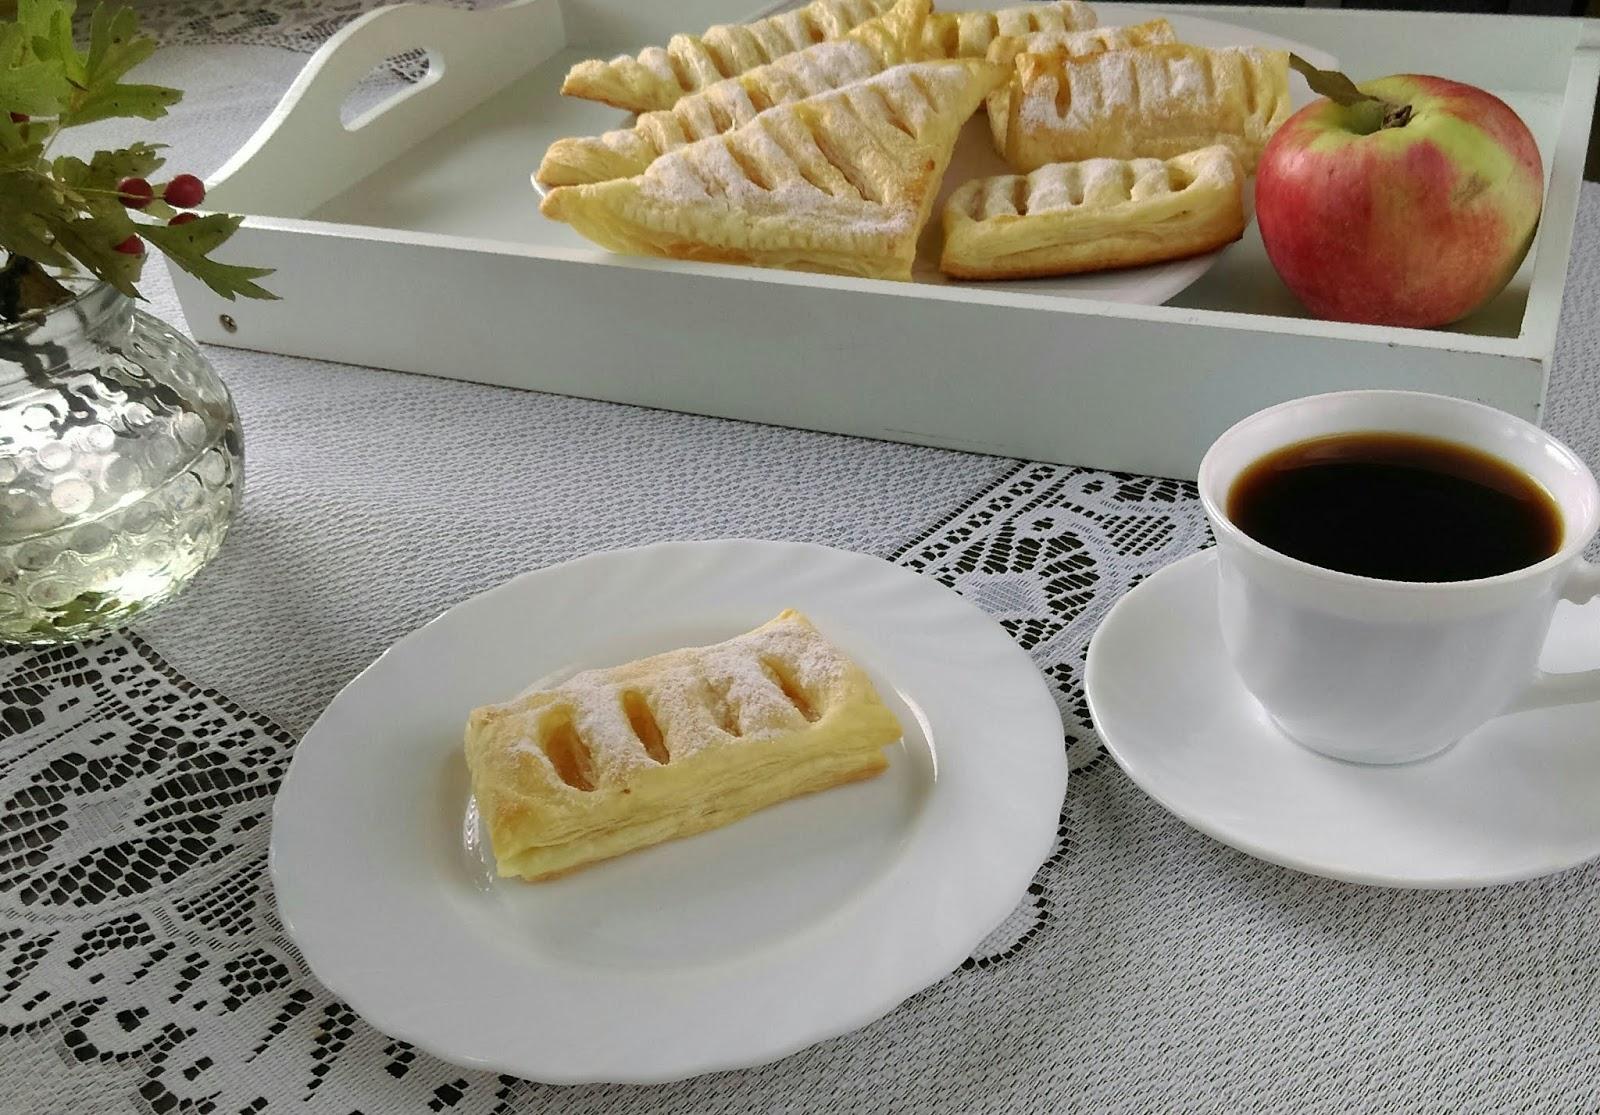 ciasto francuskie z jabłkam